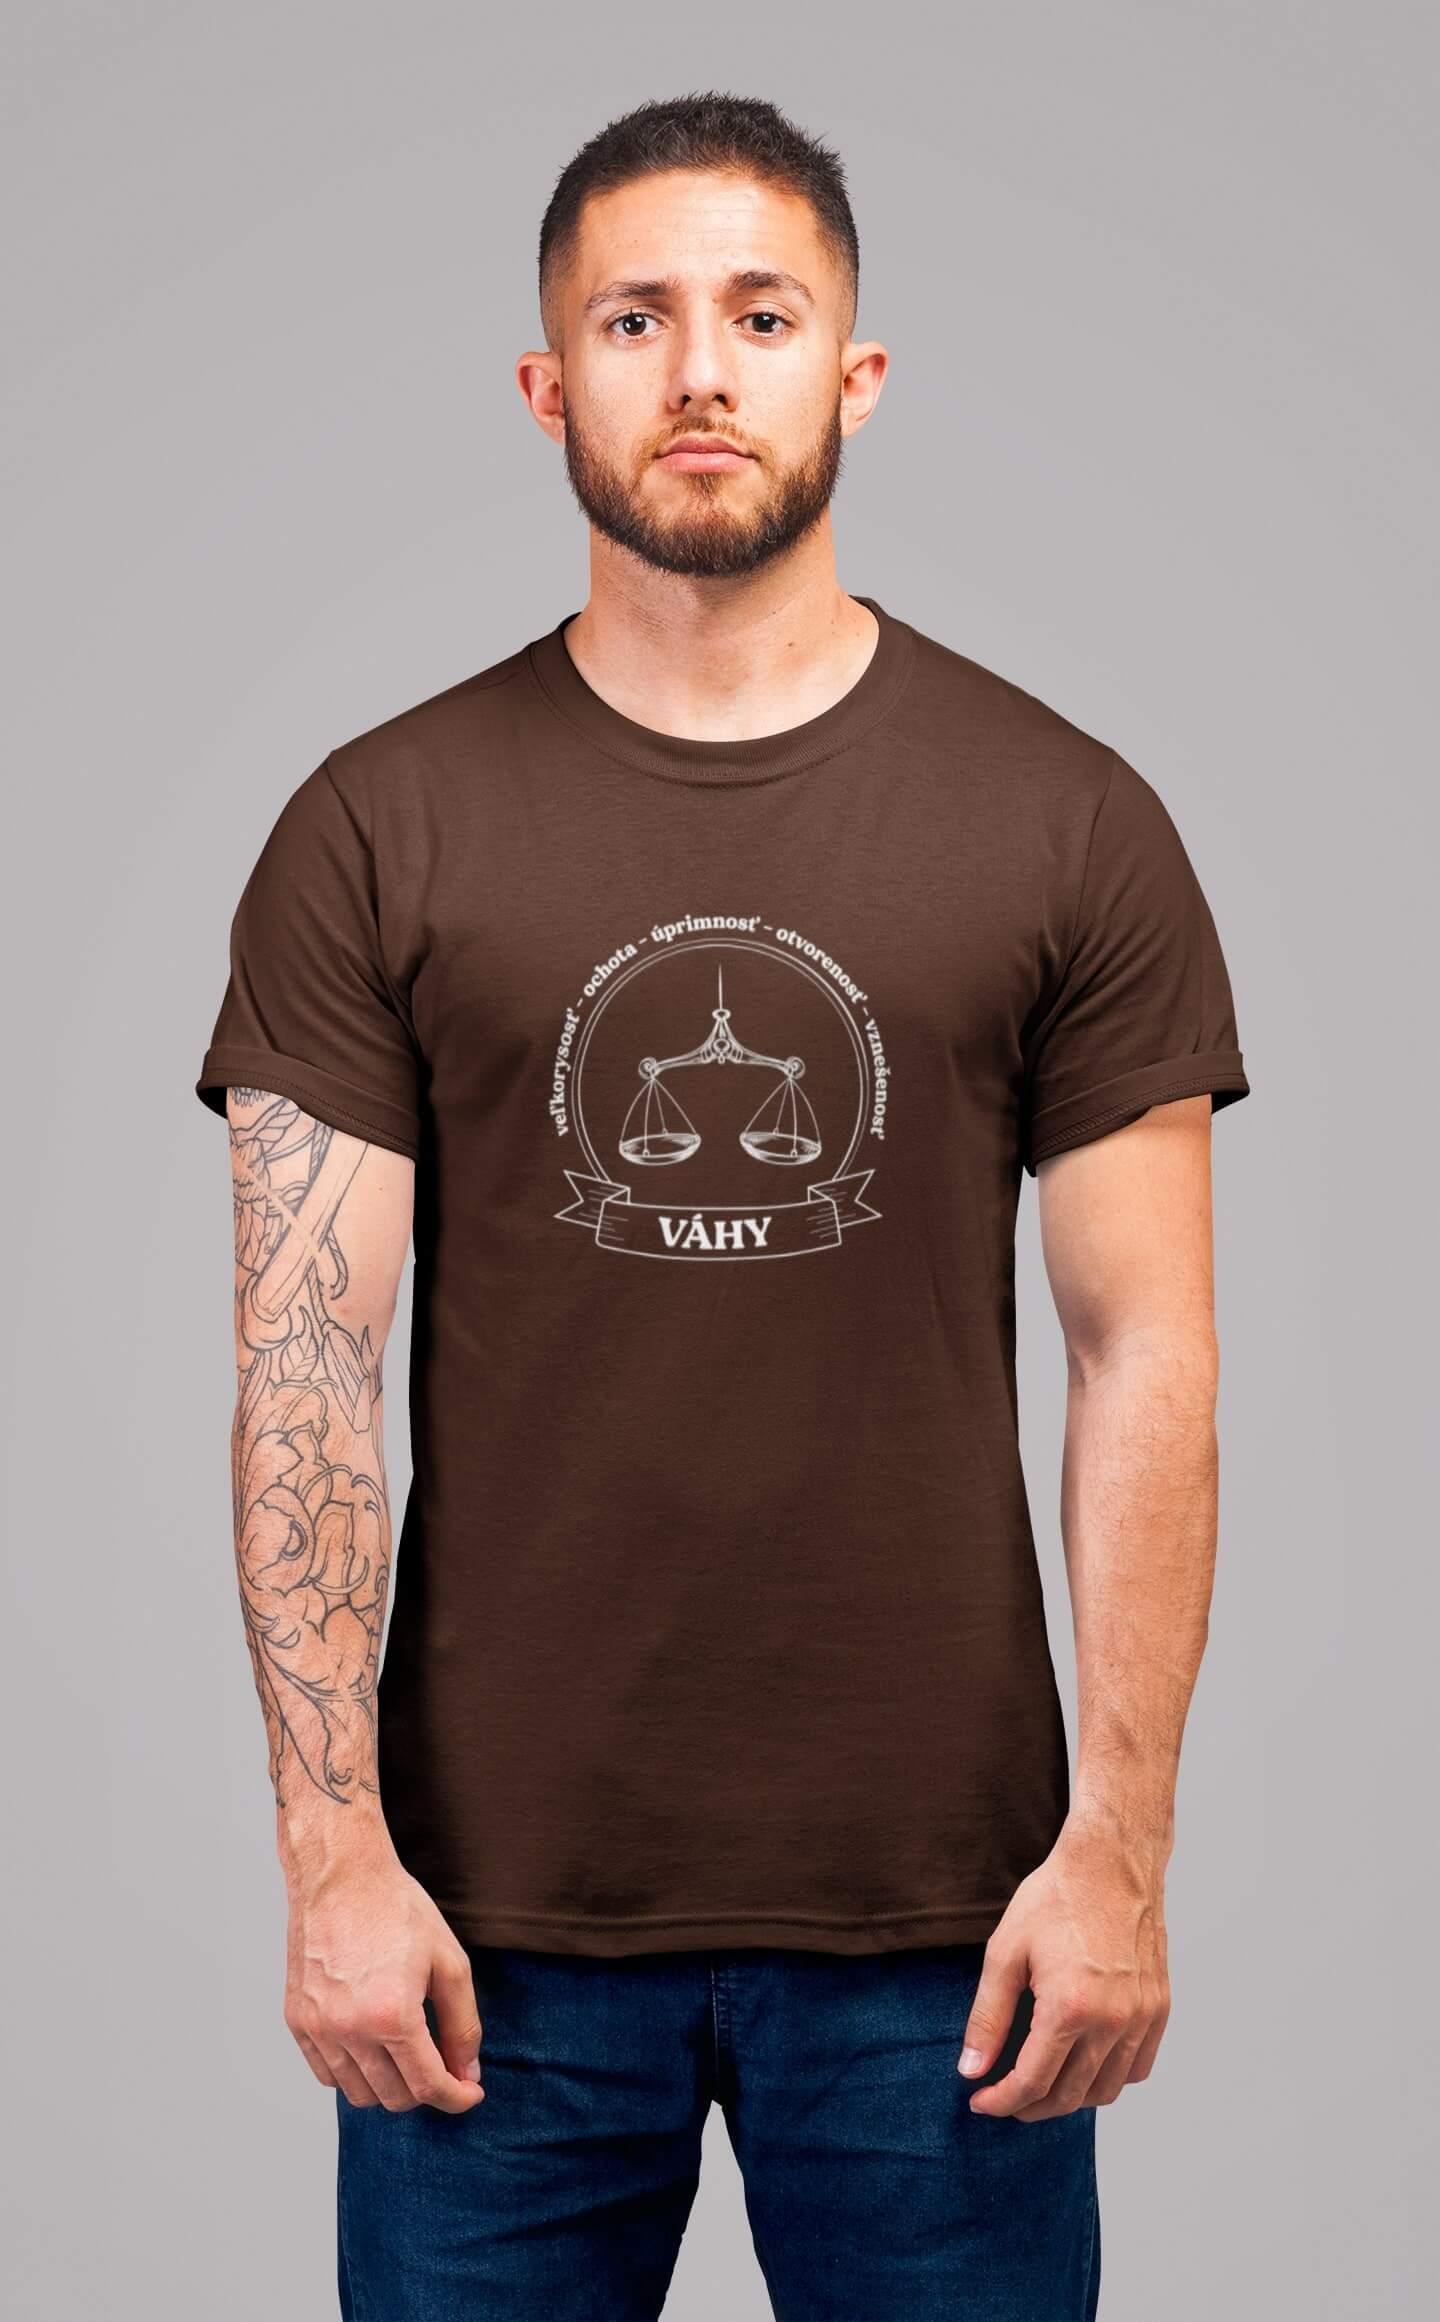 MMO Pánske tričko Váhy Vyberte farbu: Čokoládová, Vyberte veľkosť: XL